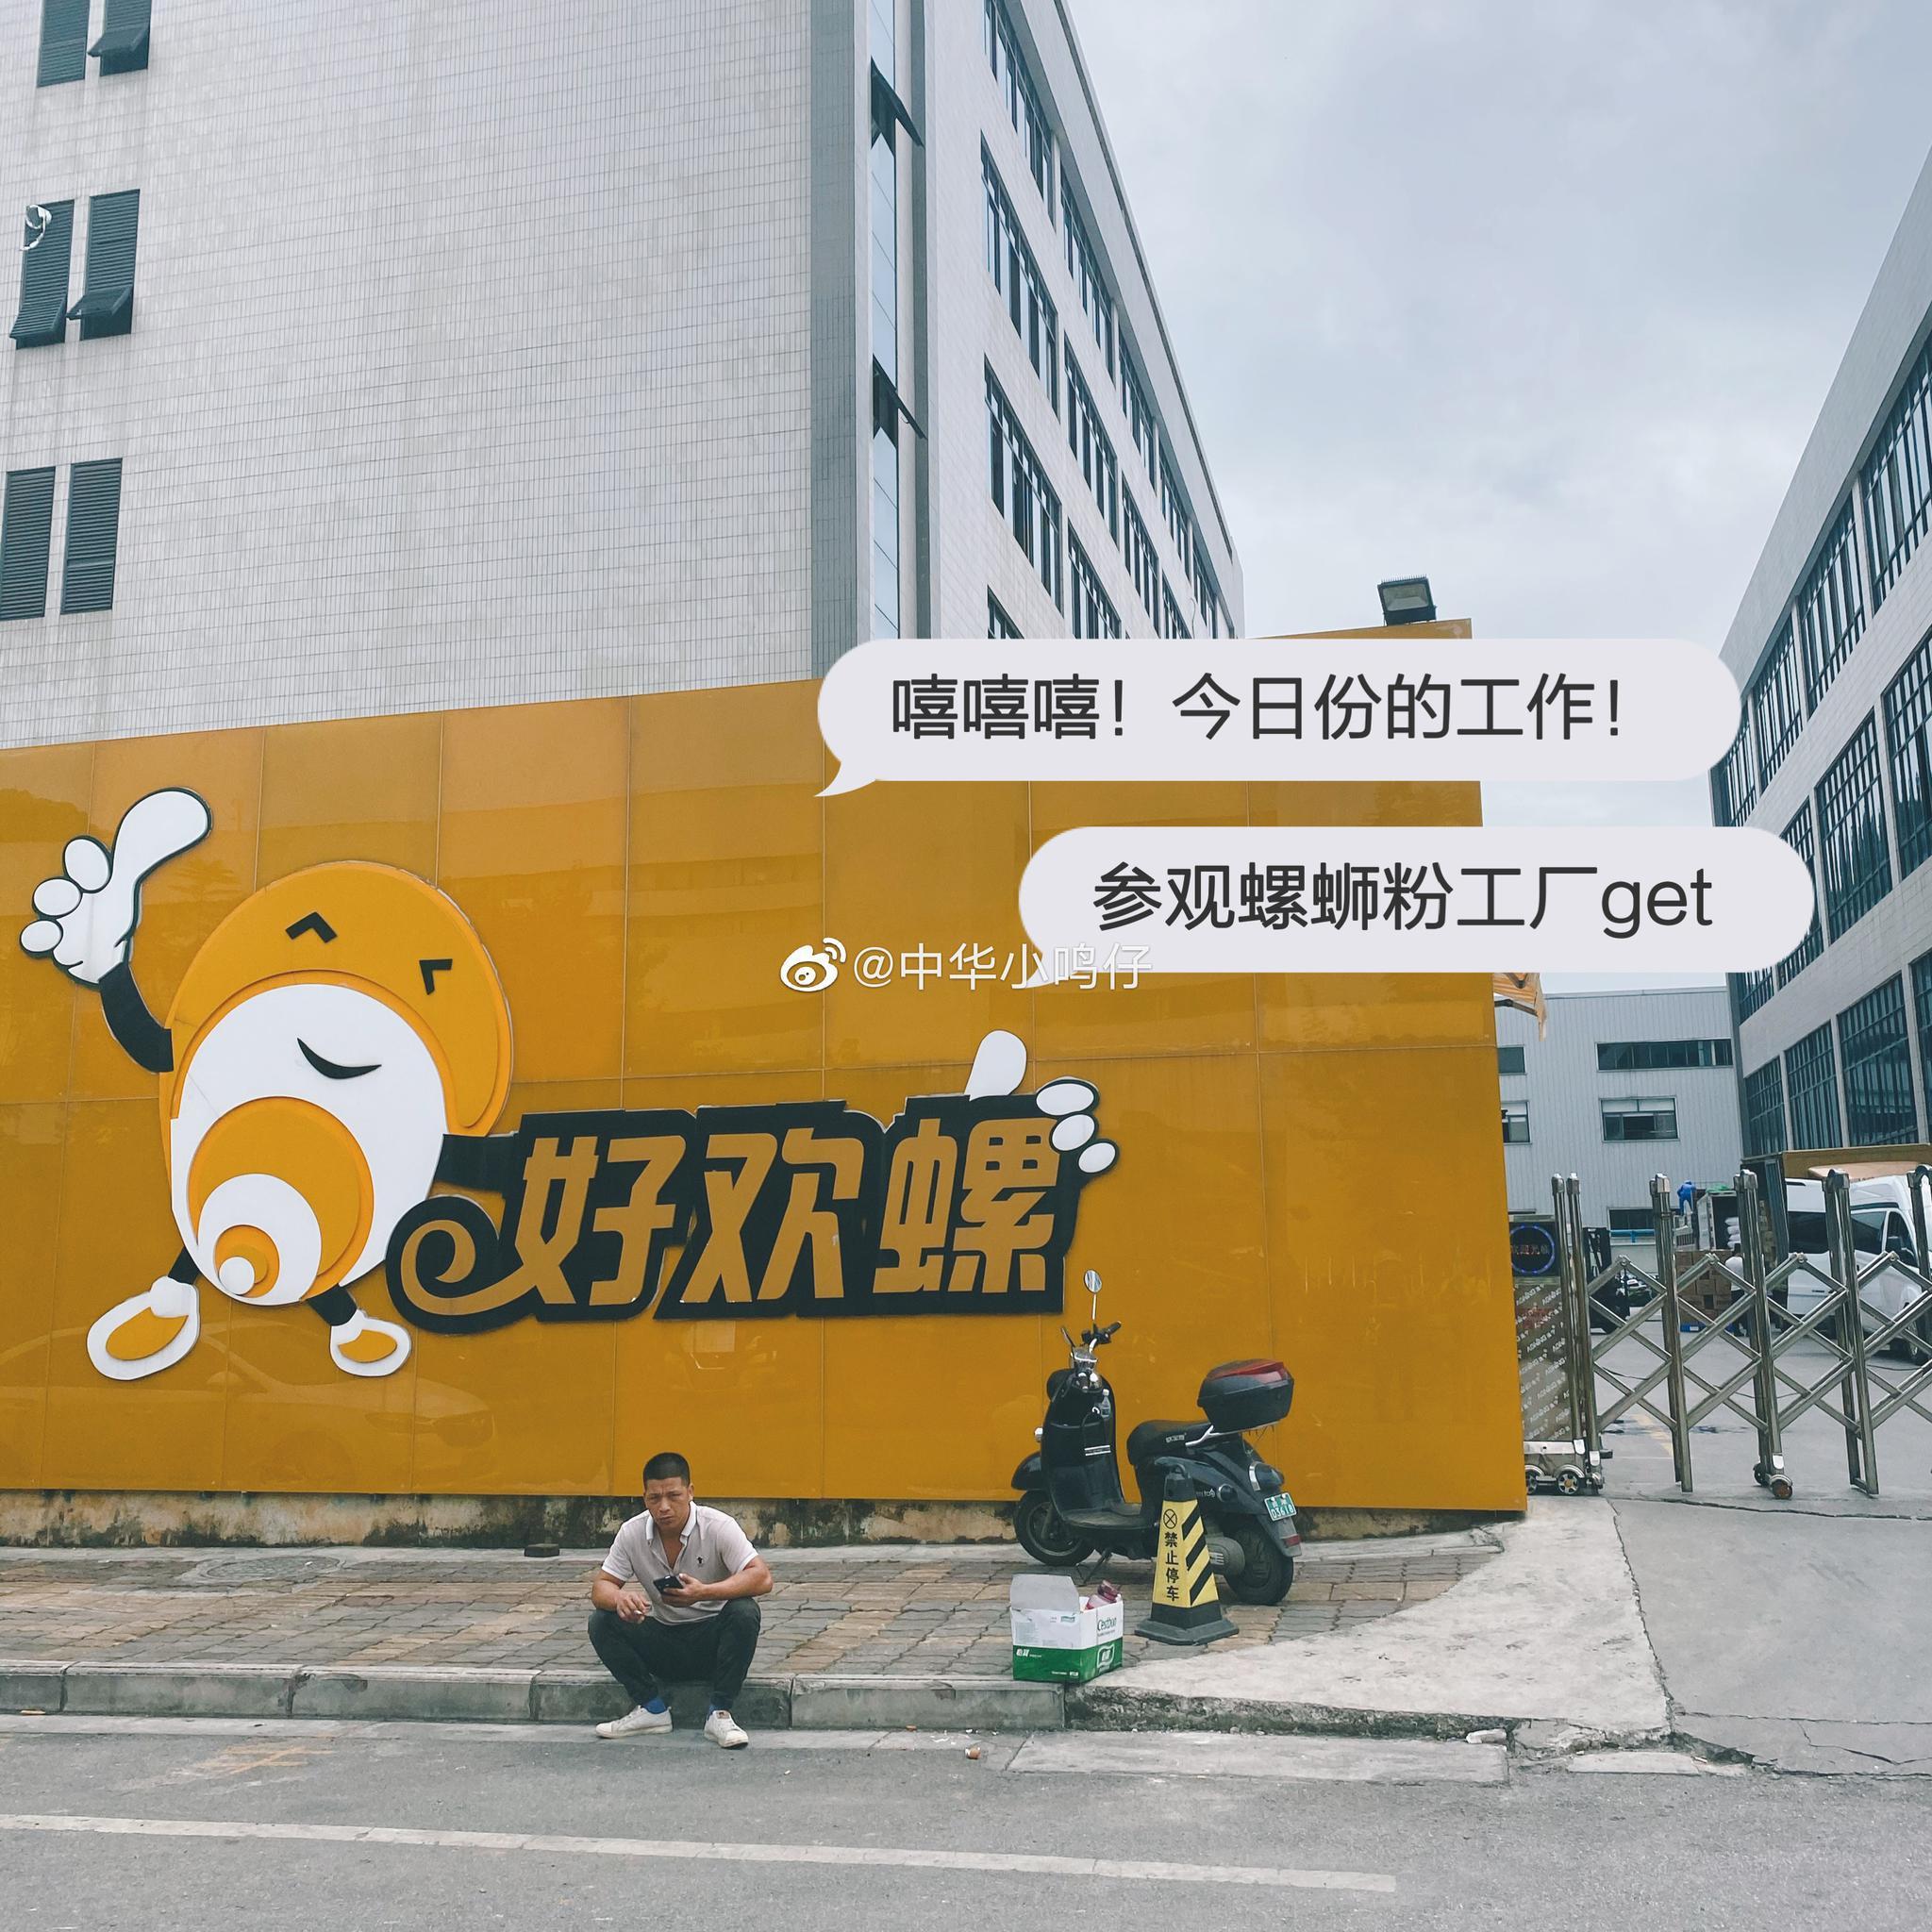 今日份的柳州plog🤣 逛螺蛳粉工厂体验了一下工作人员的工作~